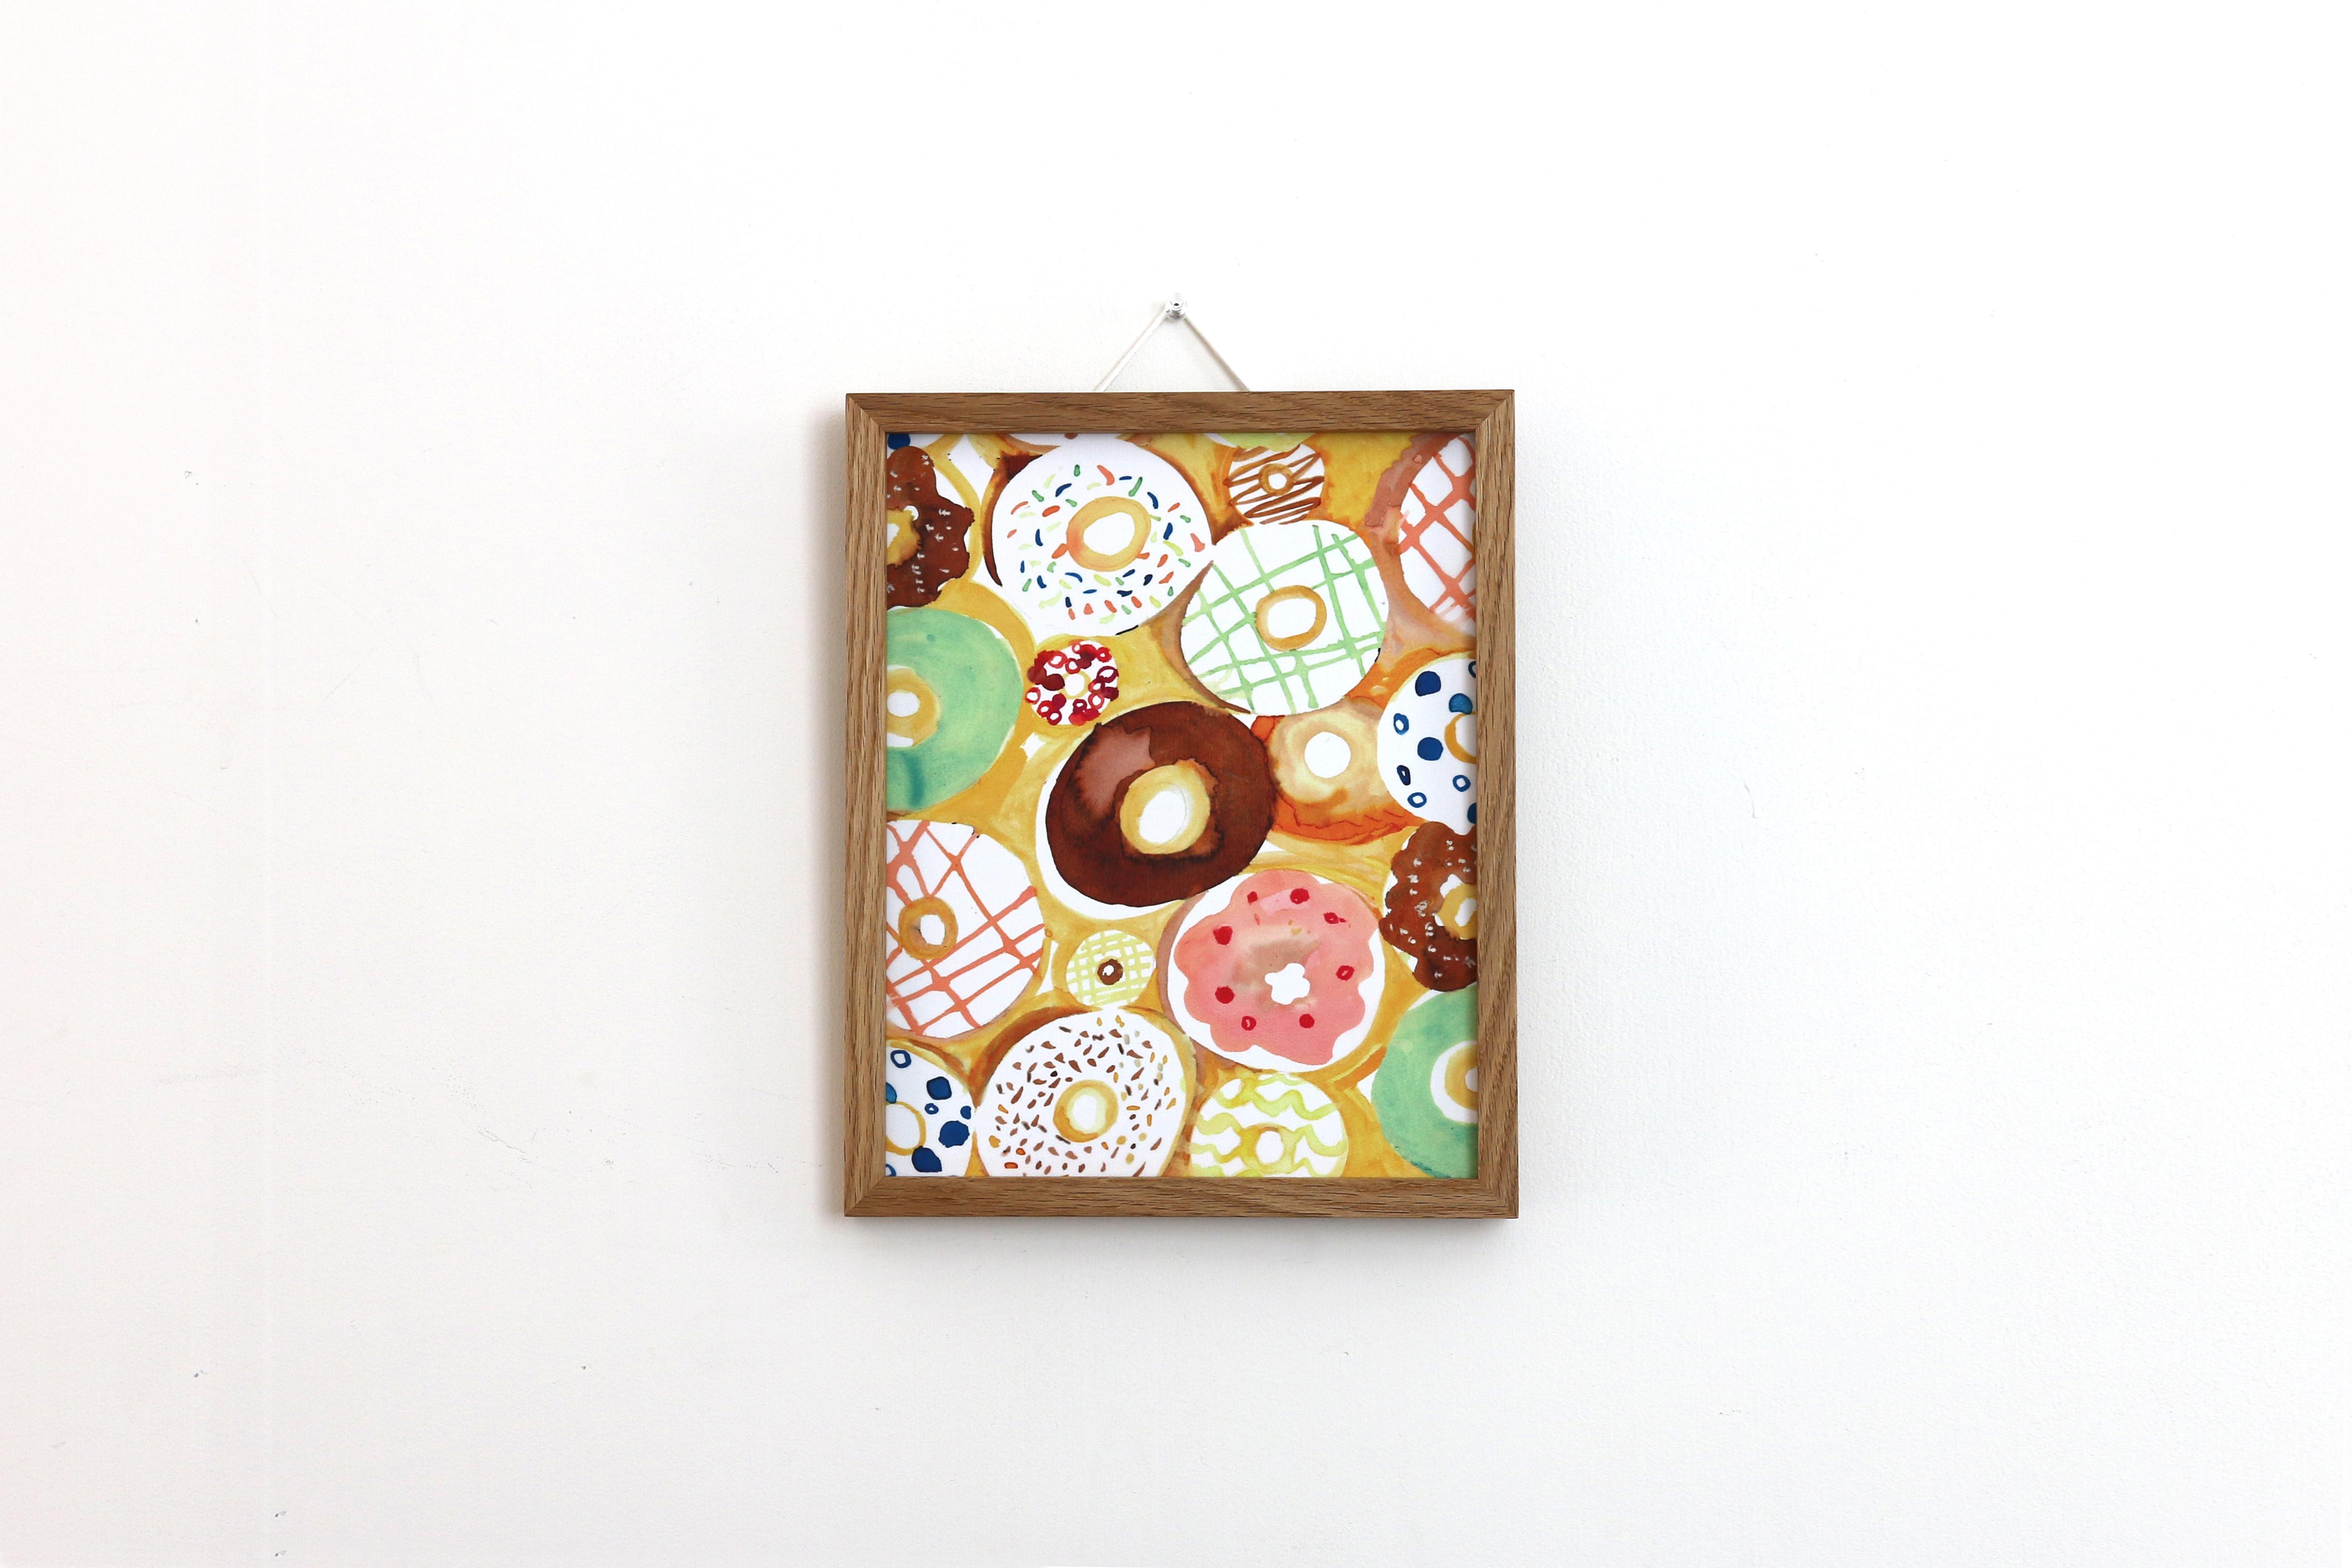 【アートフレーム】ドーナッツ -Paku Paku-